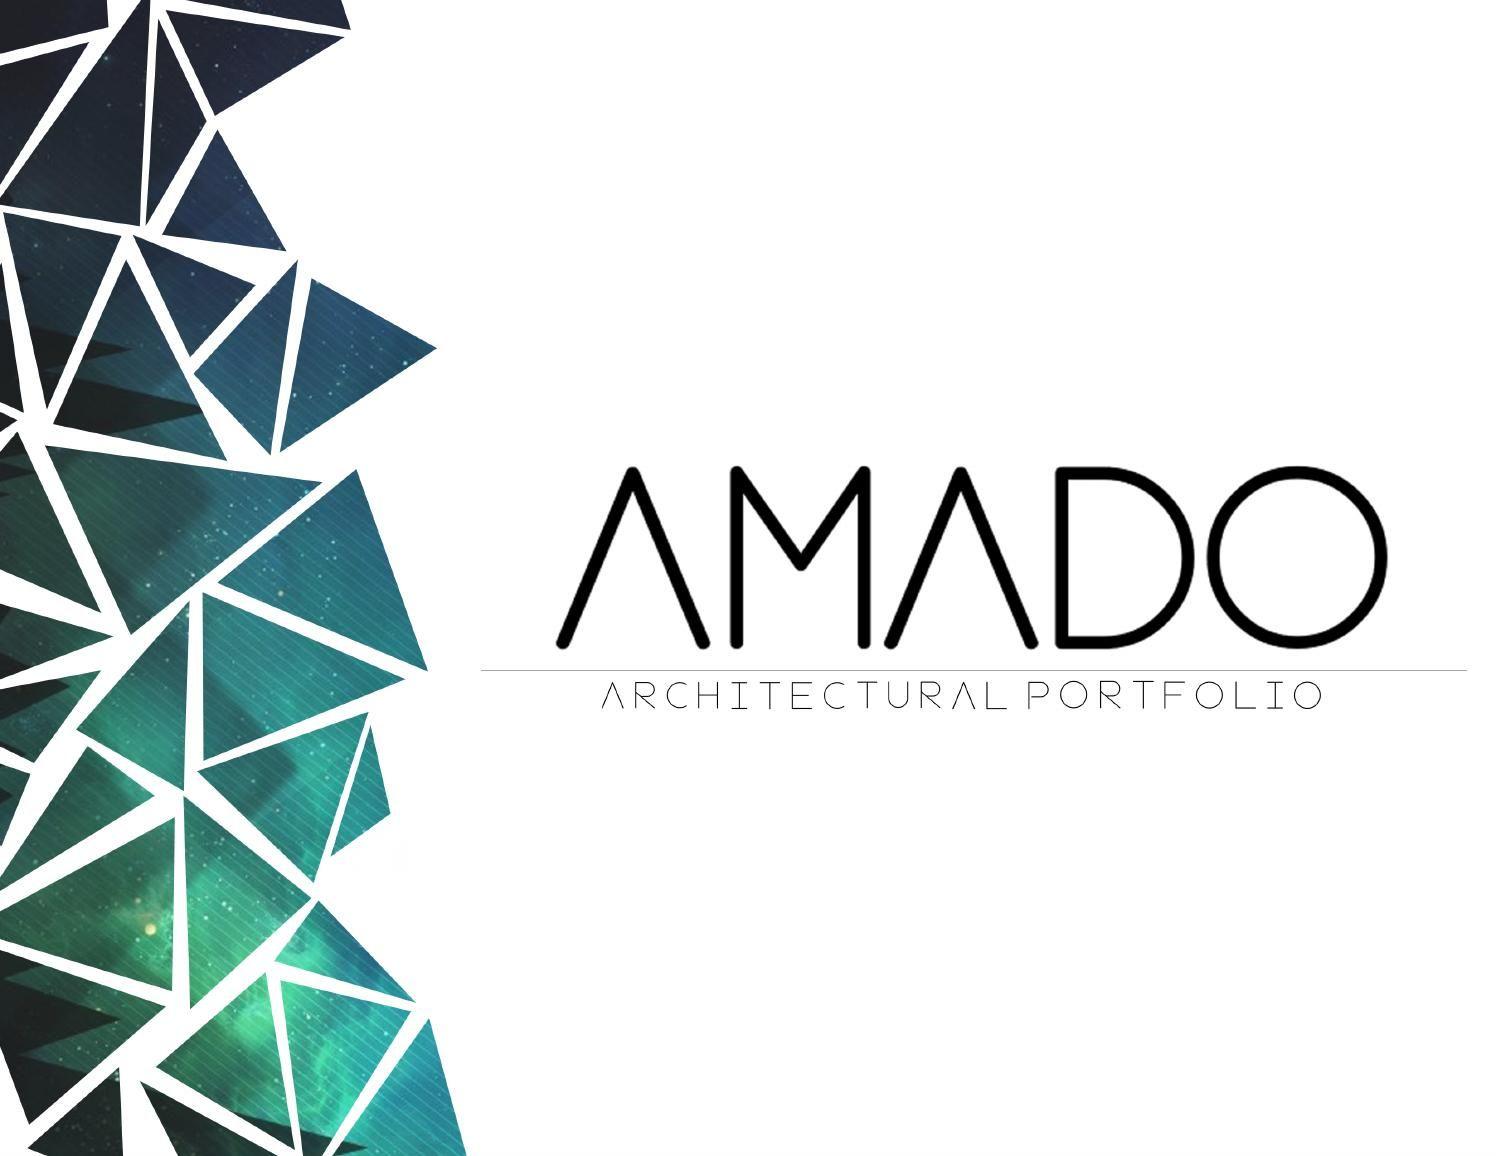 Amado ortiz architecture portfolio architecture for Front cover design ideas